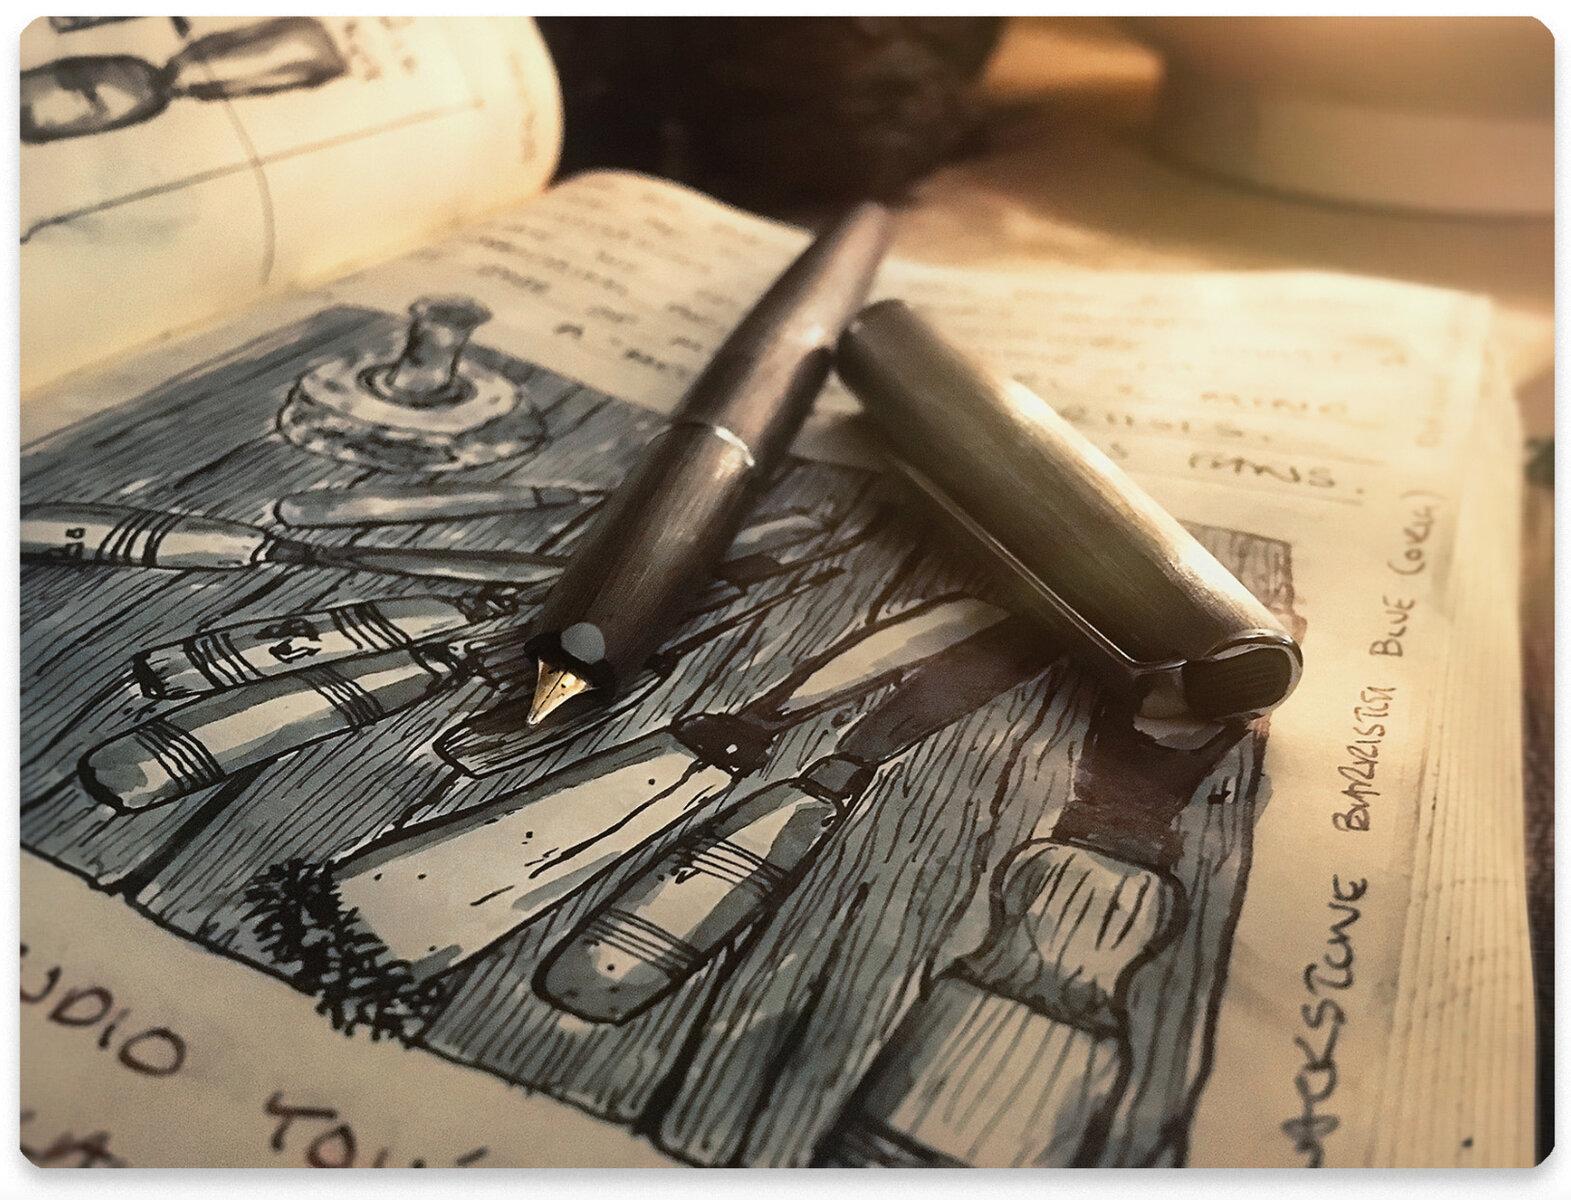 fpn_aurora_archivi_storici_send_around_book.jpeg